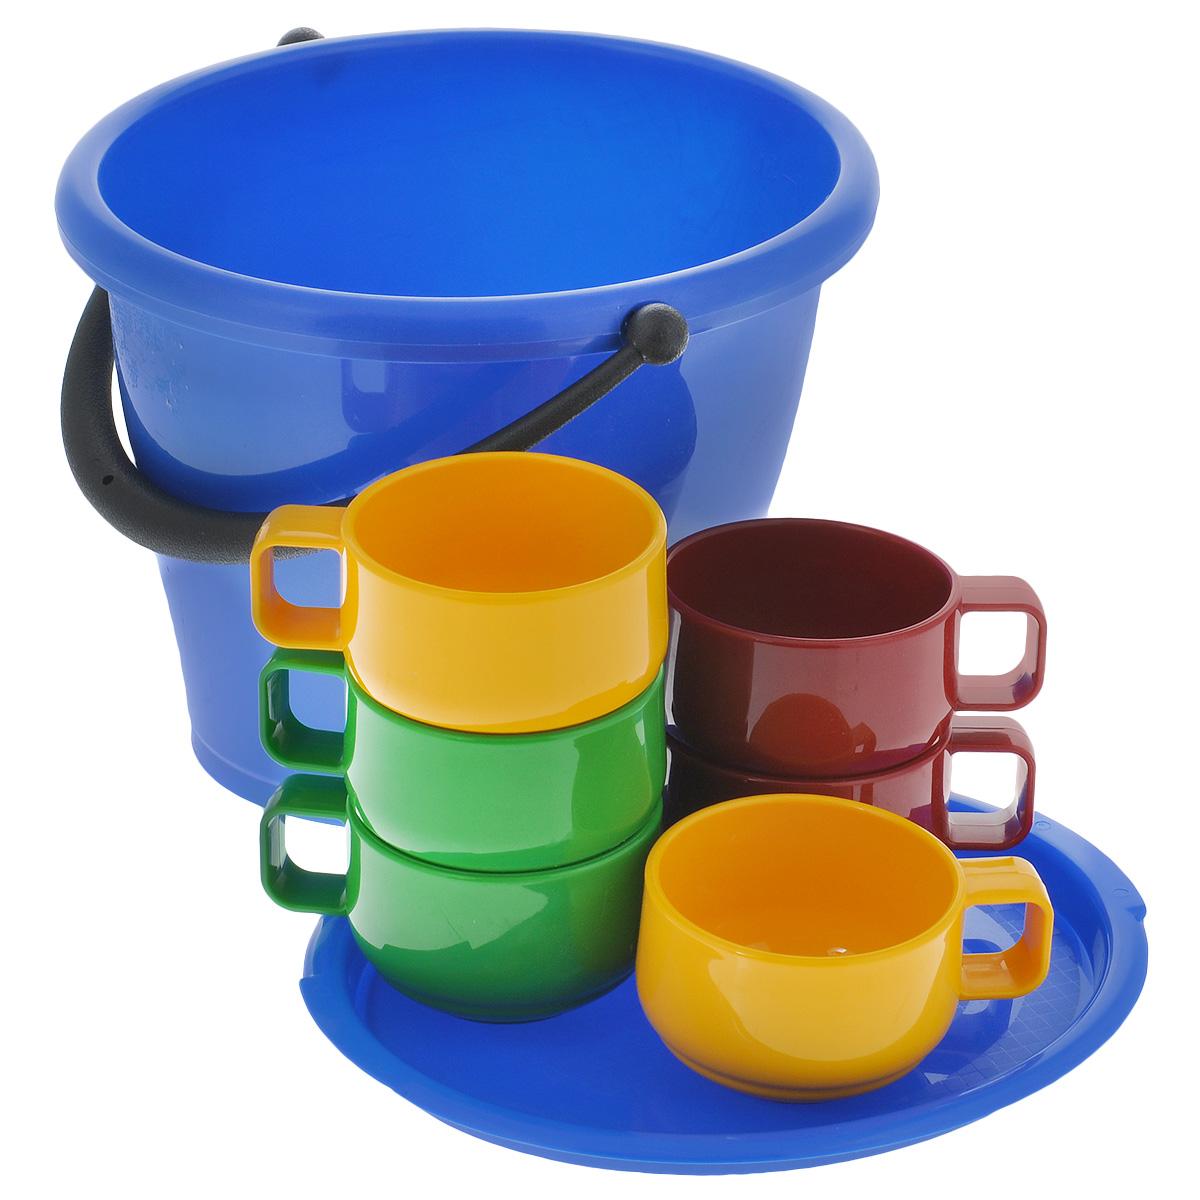 Набор посуды Solaris, в ведре, 7 предметов41449313В набор посуды Solaris входит 6 толстостенных эргономичных чашек из качественного полипропилена и ведро объемом 5 л с герметичной крышкой. Ведро можно использовать как пищевой контейнер, для приготовления шашлыка, засолки овощей, для хранения питьевой воды и т.п.В походном положении стаканы находятся внутри ведерка.Свойства посуды:Посуда из ударопрочного пищевого полипропилена предназначена для многократного использования. Легкая, прочная и износостойкая, экологически чистая, эта посуда работает в диапазоне температур от -25°С до +110°С. Можно мыть в посудомоечной машине. Эта посуда также обеспечивает:Хранение горячих и холодных пищевых продуктов;Разогрев продуктов в микроволновой печи;Приготовление пищи в микроволновой печи на пару (пароварка);Хранение продуктов в холодильной и морозильной камере;Кипячение воды с помощью электрокипятильника.Объем ведра: 5 л.Размер ведра: 26,5 см х 23 см х 20,5 см.Объем чашек: 0,28 л.Диаметр чашек без учета ручки: 9,3 см.Высота чашек: 6,2 см.